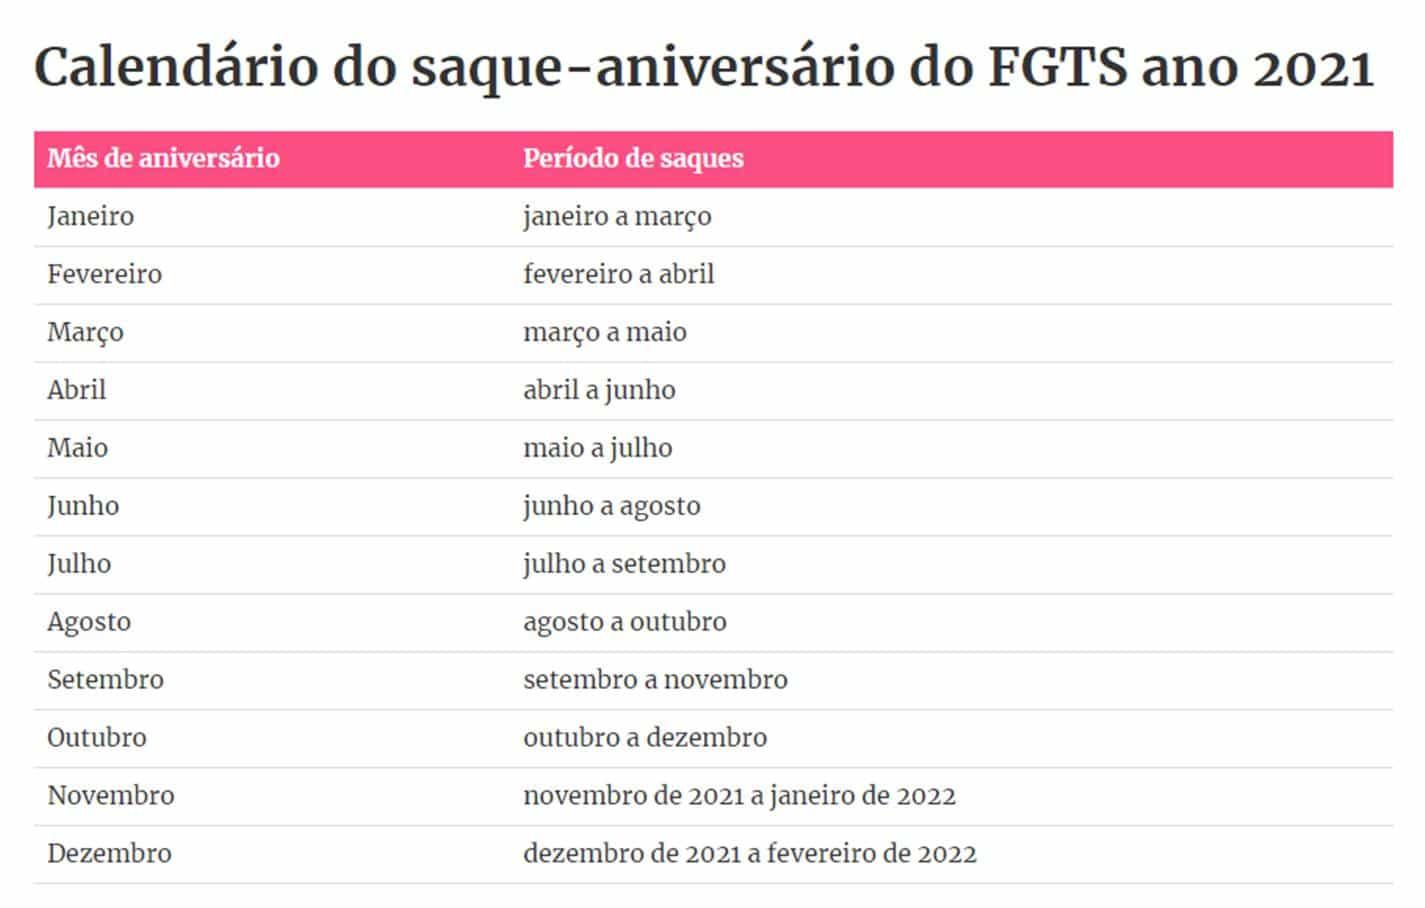 Calendário de pagamentos do saque-aniversário do FGTS para 2021